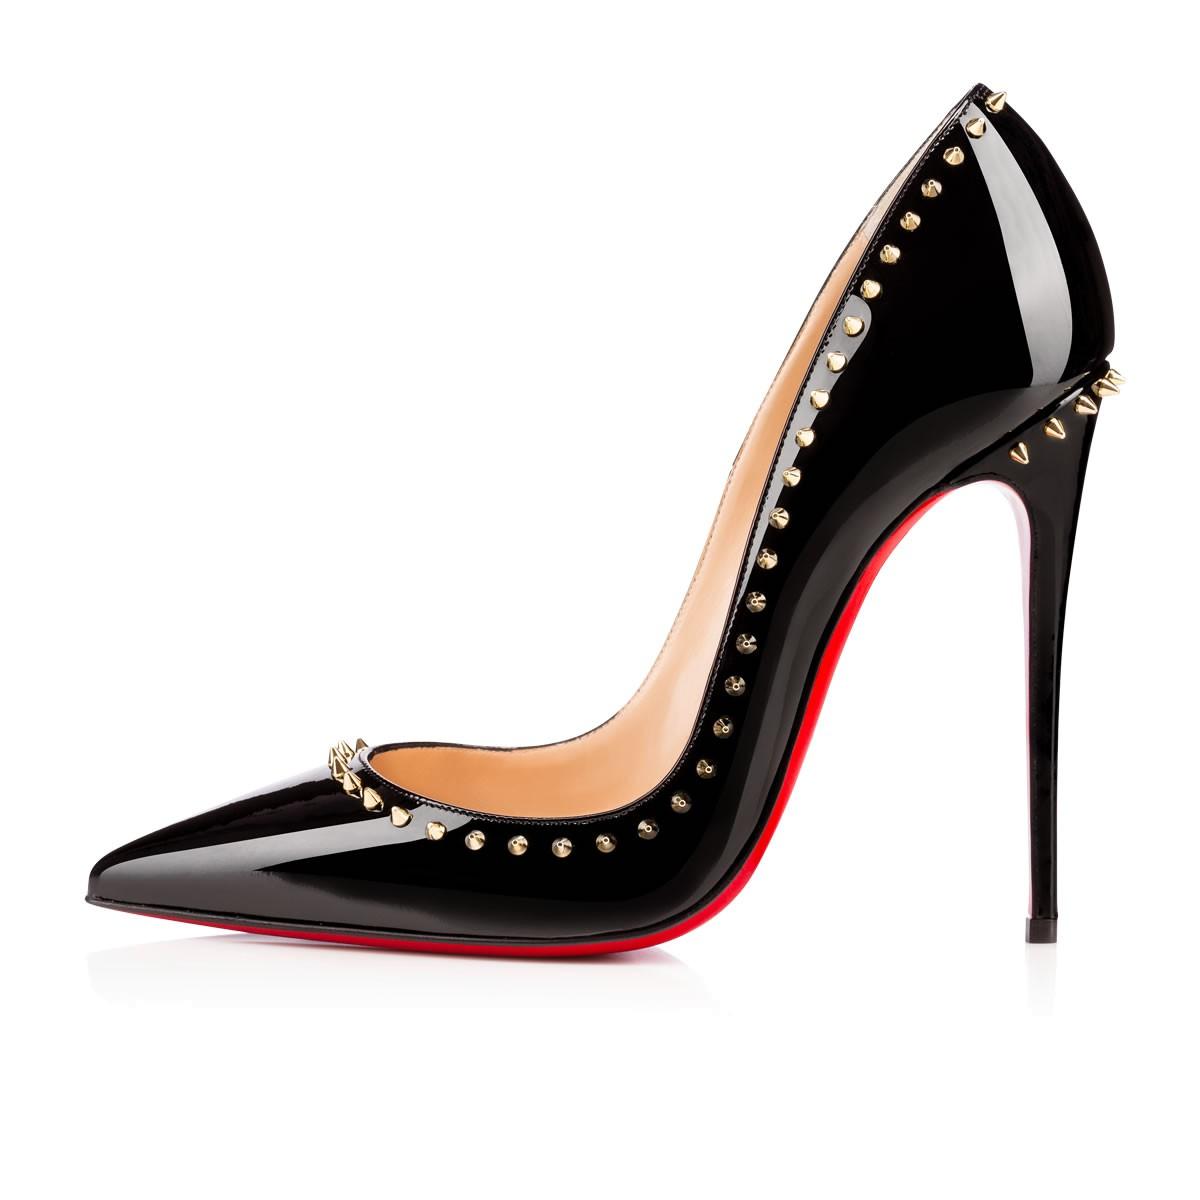 4c046e00fb5e CHRISTIAN LOUBOUTIN ANJALINA 120MM BLACK PATENT - Reed Fashion Blog